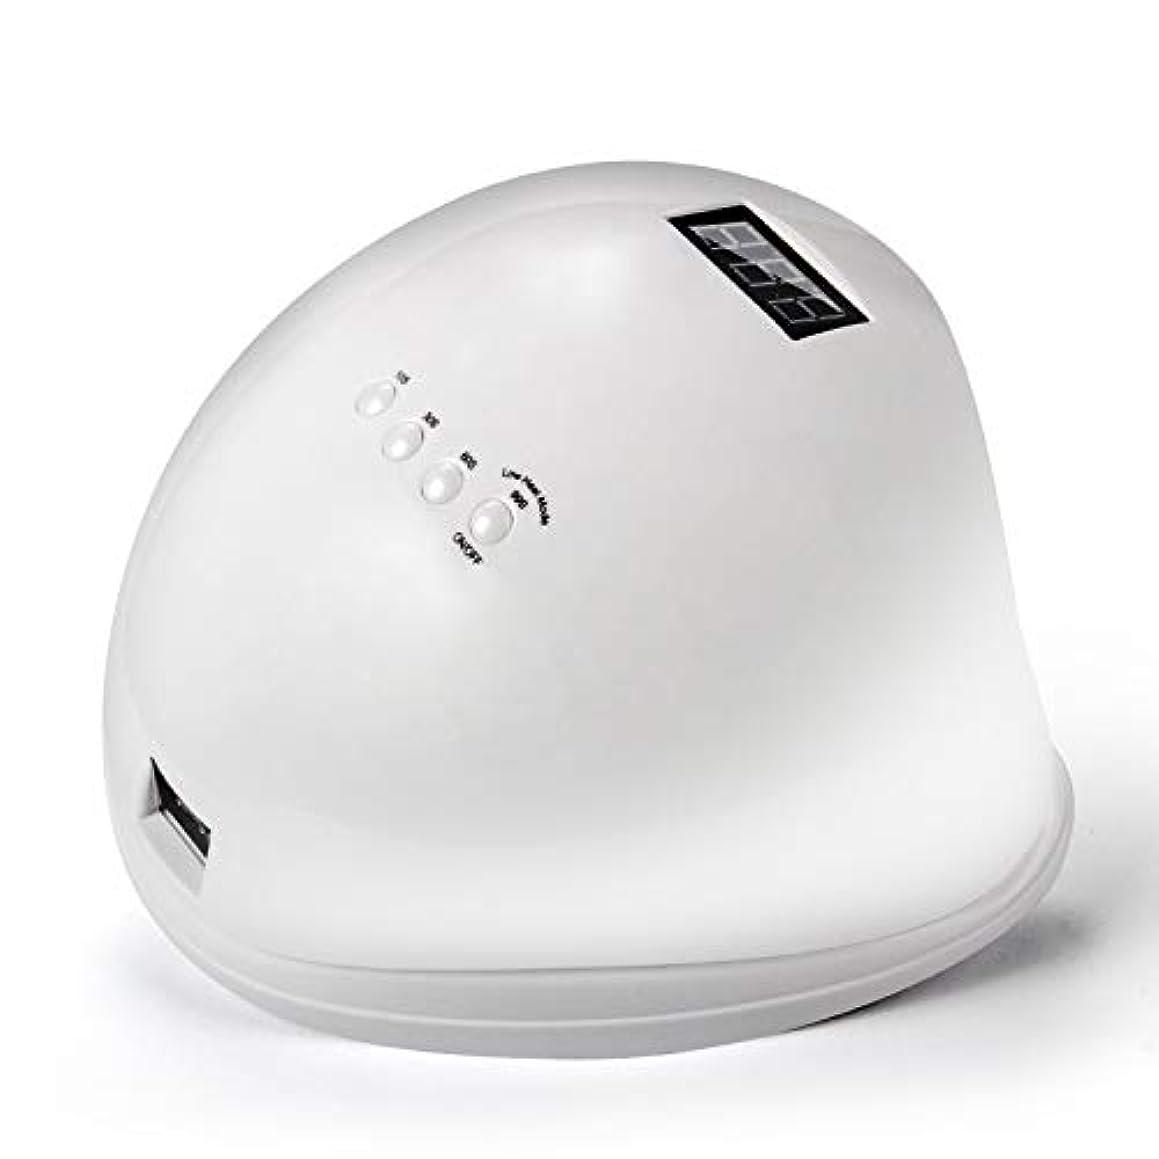 幸福感謝雄弁な48W UVネイルライト、LEDネイルドライヤー速乾性LED UVネイルドライヤー、24個のデュアル光源LED、4タイマー設定